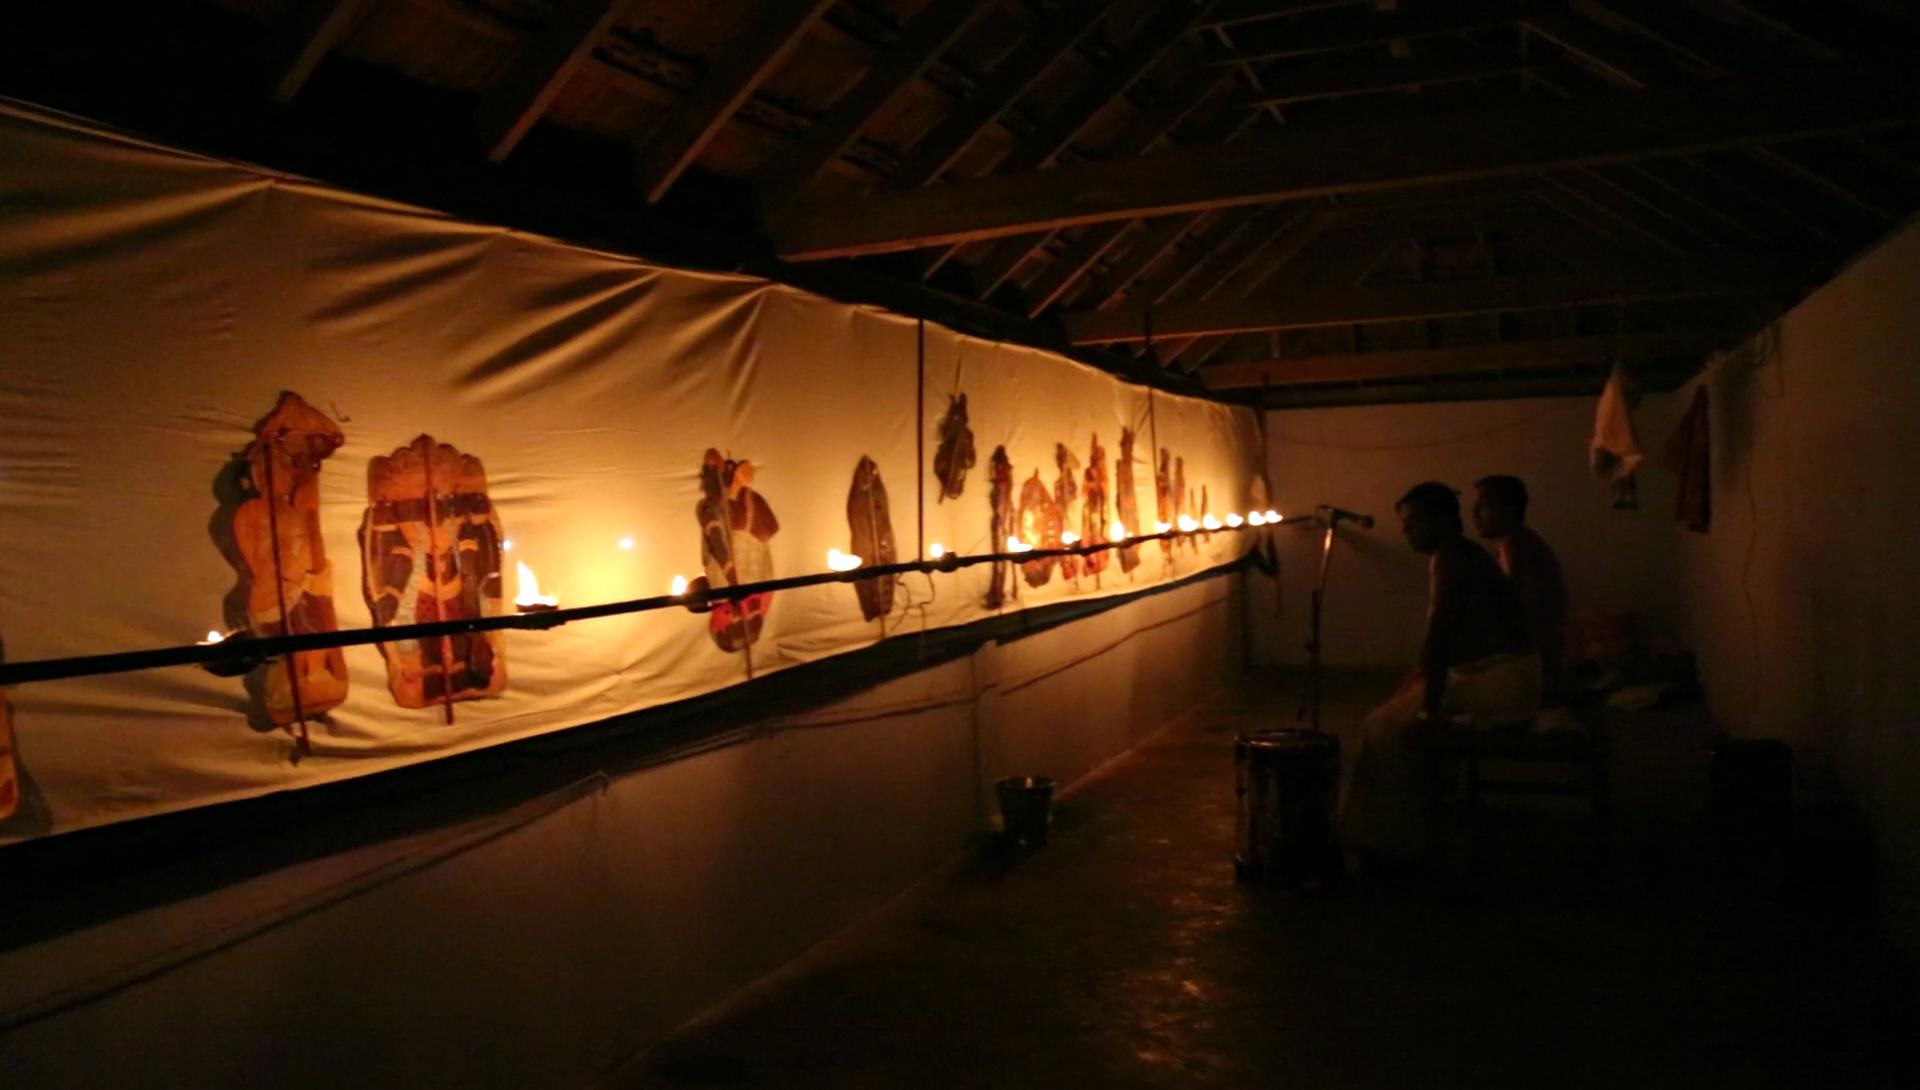 Derrière l'écran, un spectacle de <em>tolpava koothu</em> d'une scène du Râmâyana, mise en scène : Ramachandra Pulavar (Kerala, Inde)